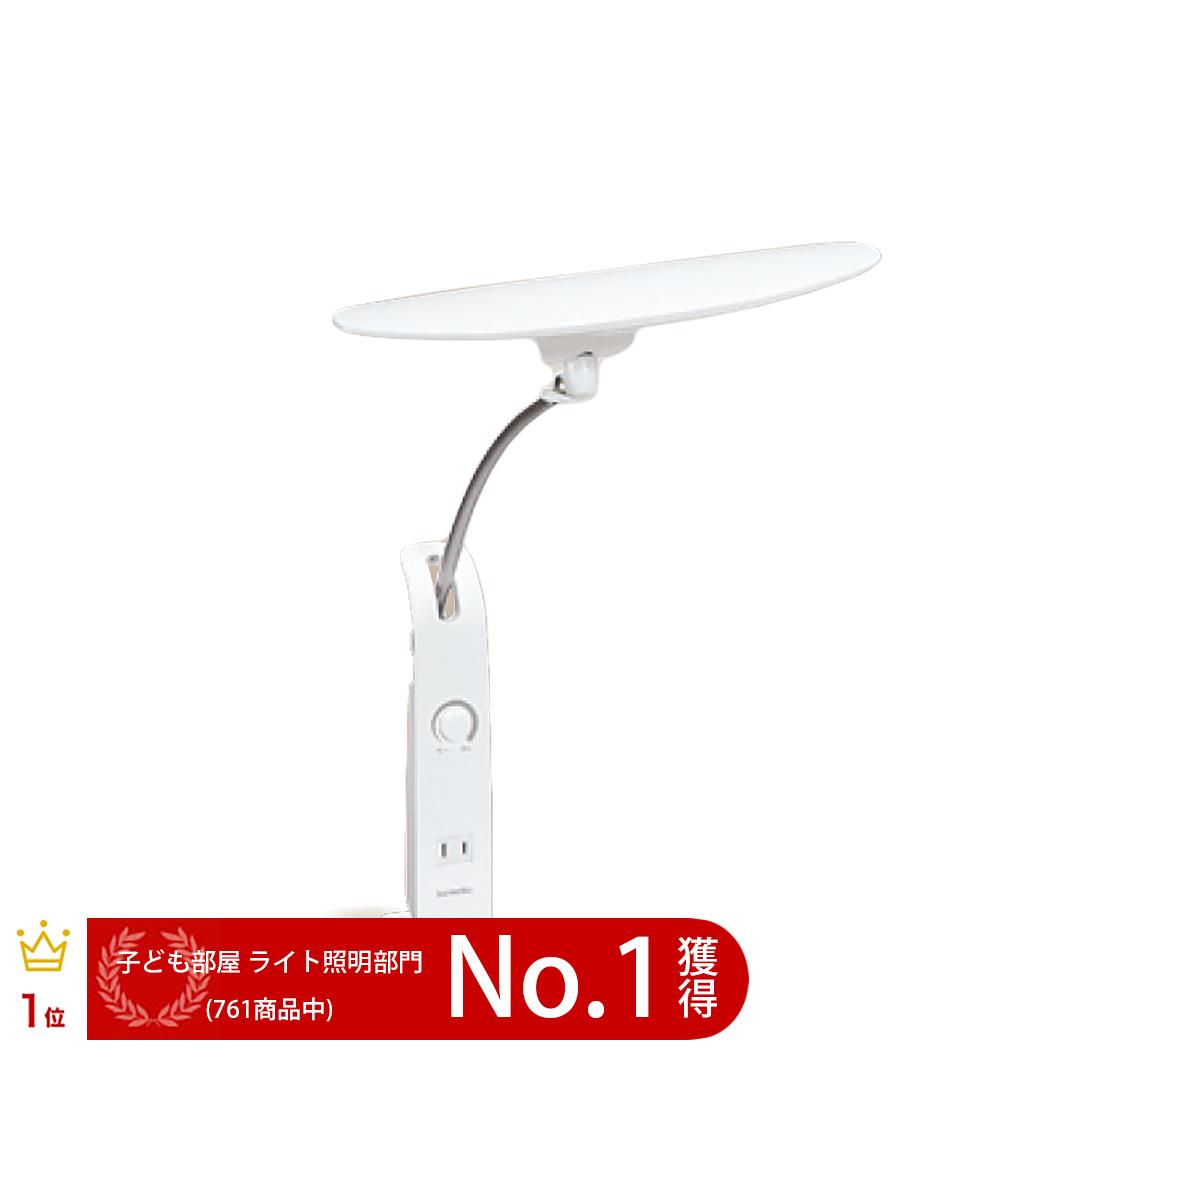 カリモク デスクライト LED KS0156SH LEDスタンドライト[クランプ式] (ホワイト色)【全国送料無料】【同梱不可】【店頭受取対応商品】